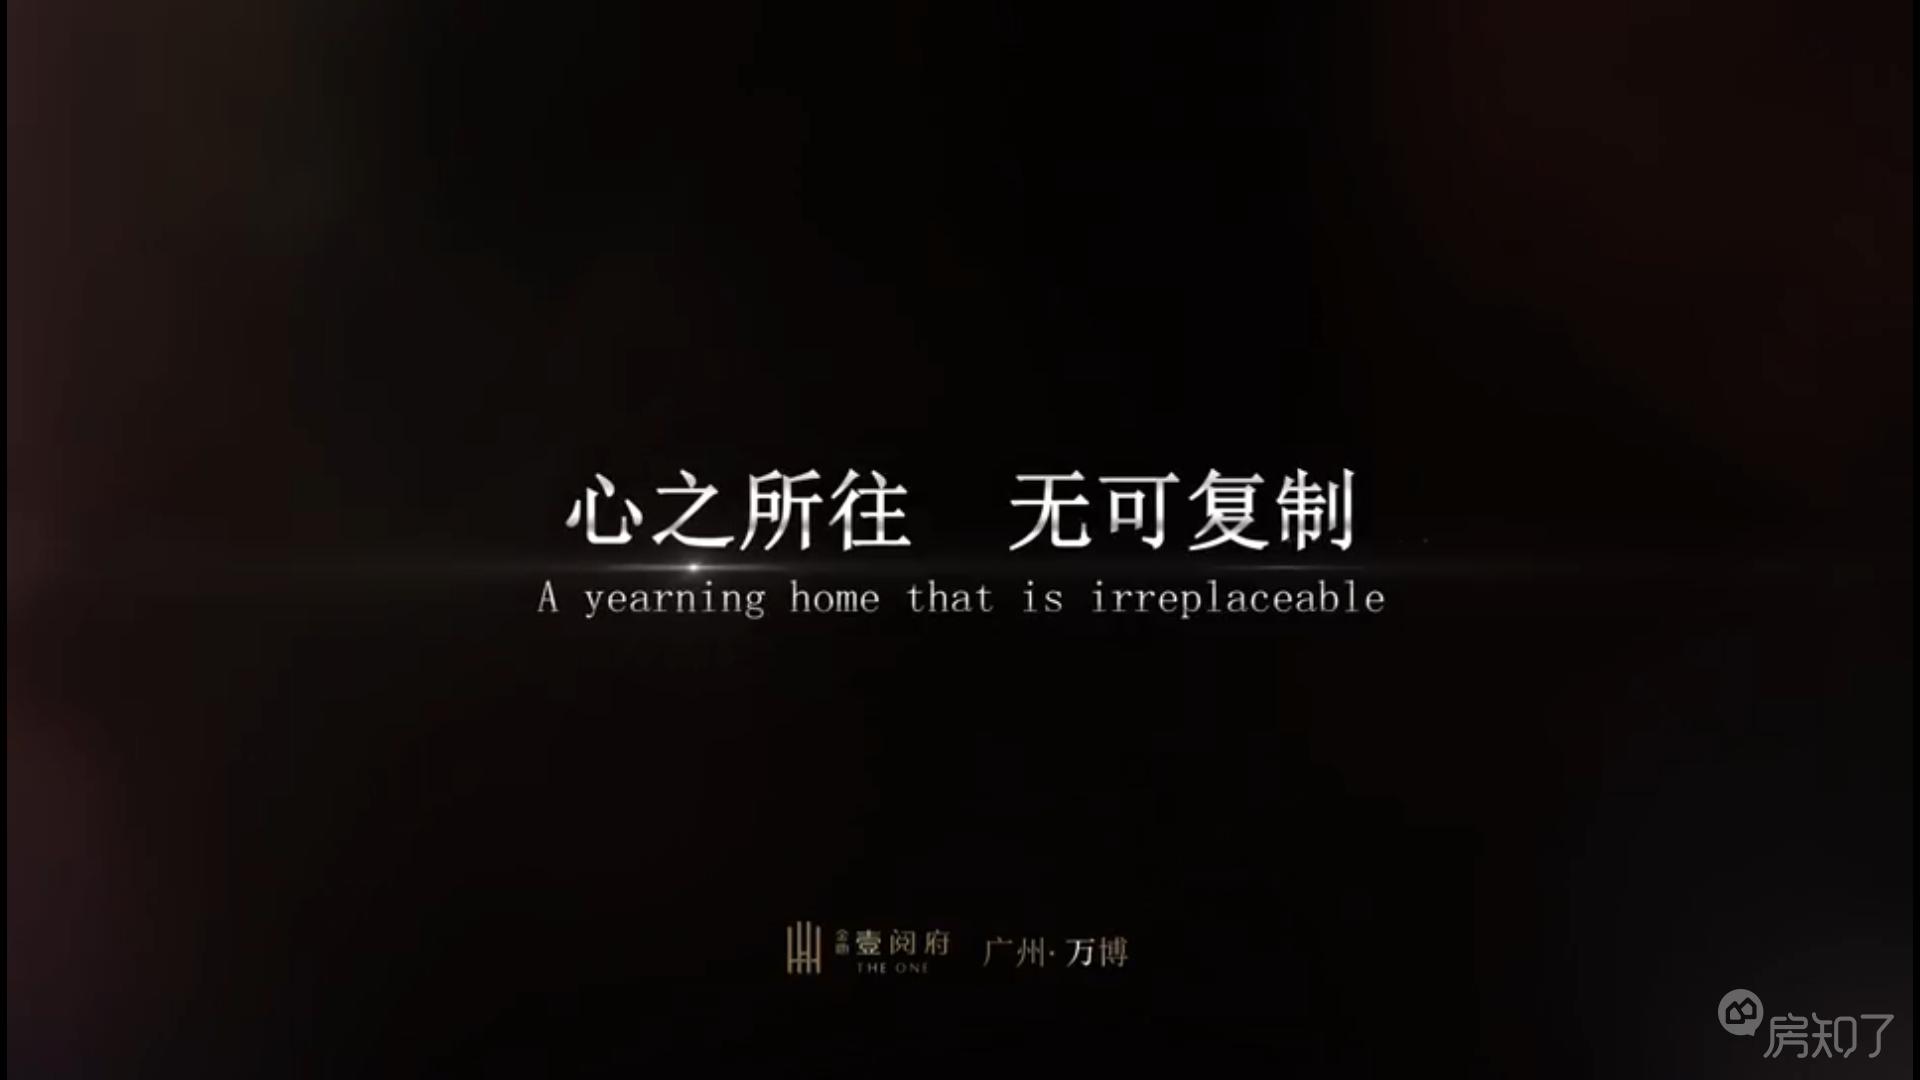 【金地壹阅府】楼盘介绍